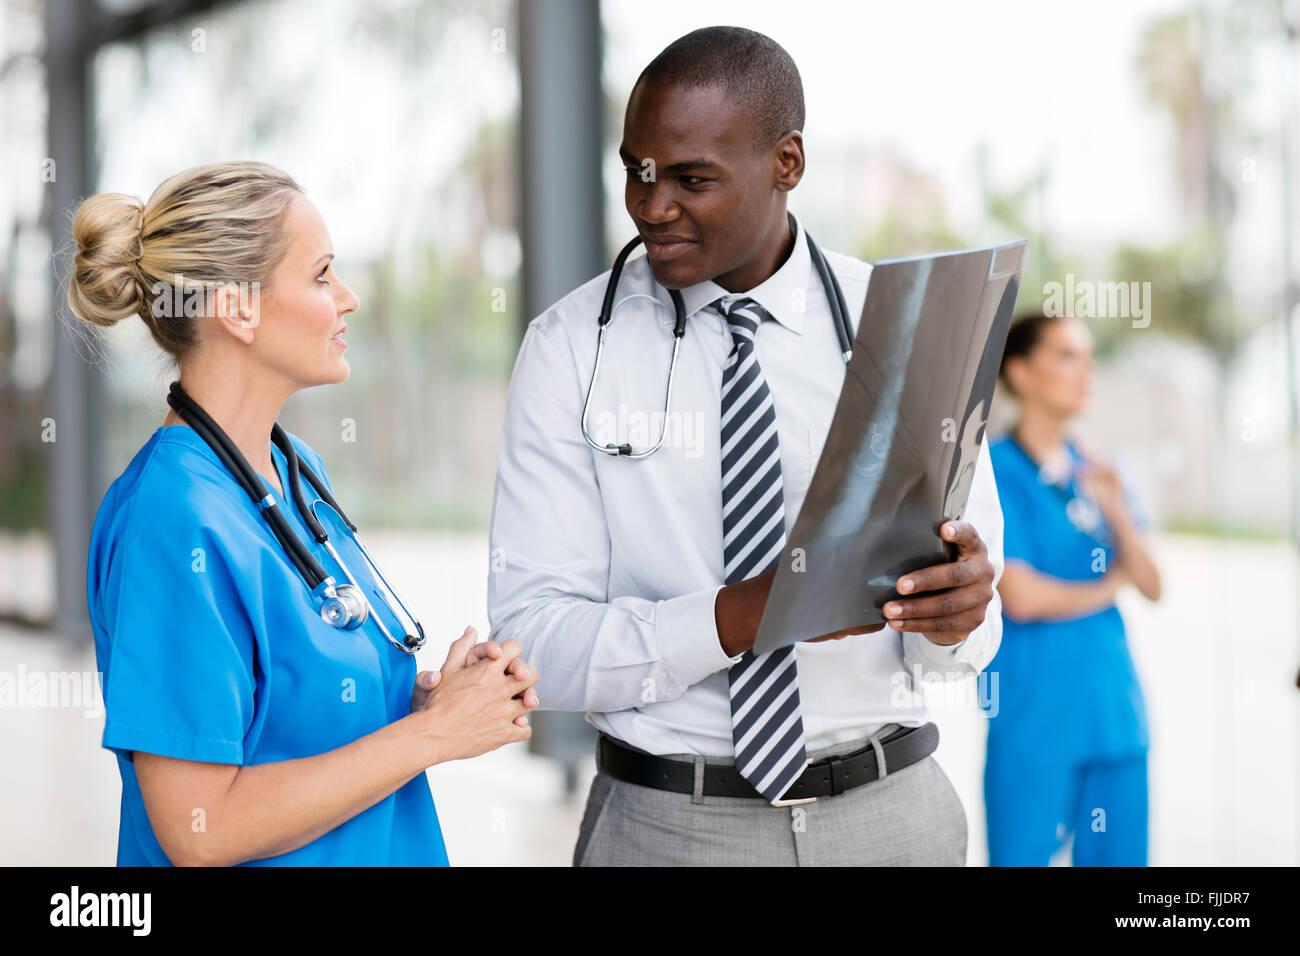 Ärztinnen und Ärzte arbeiten zusammen im Krankenhaus Stockfoto